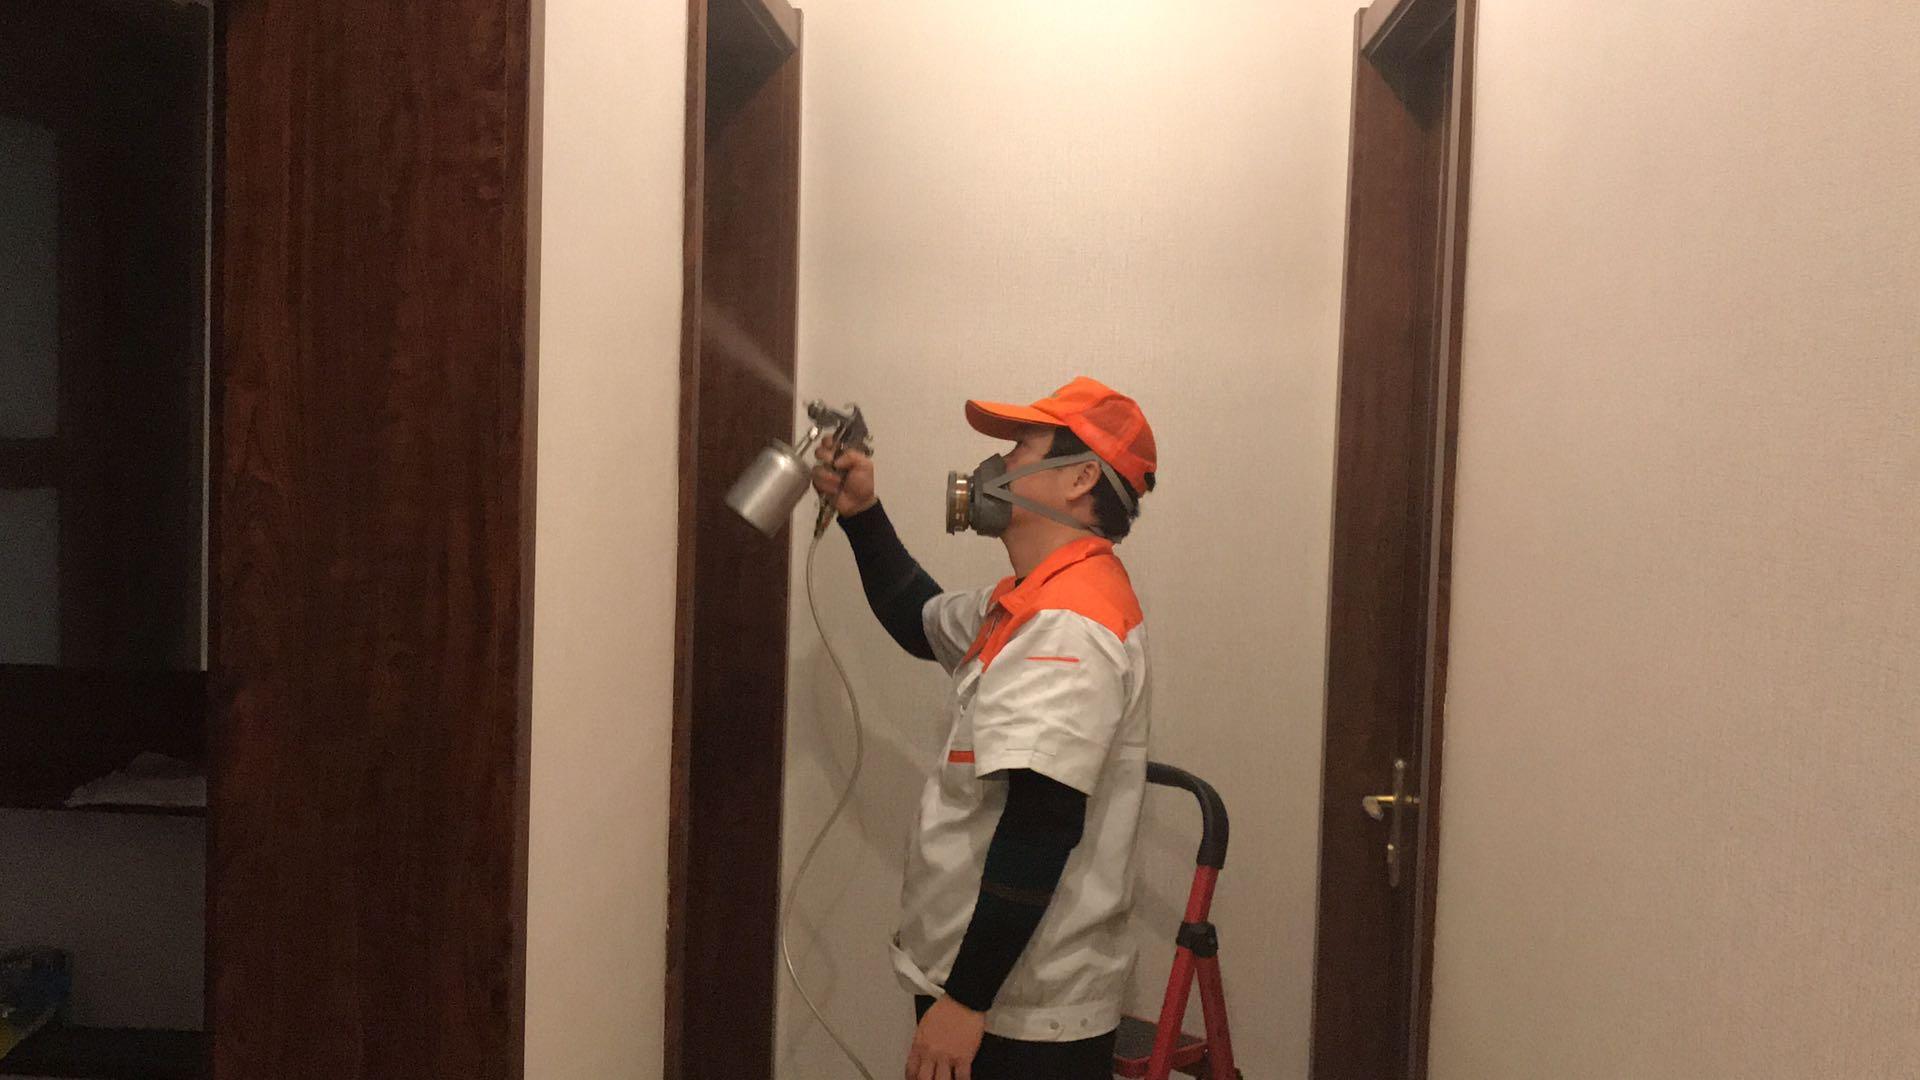 茂名甲醛检测工程师为碧桂园天汇业主刘先生进行新房甲醛检测